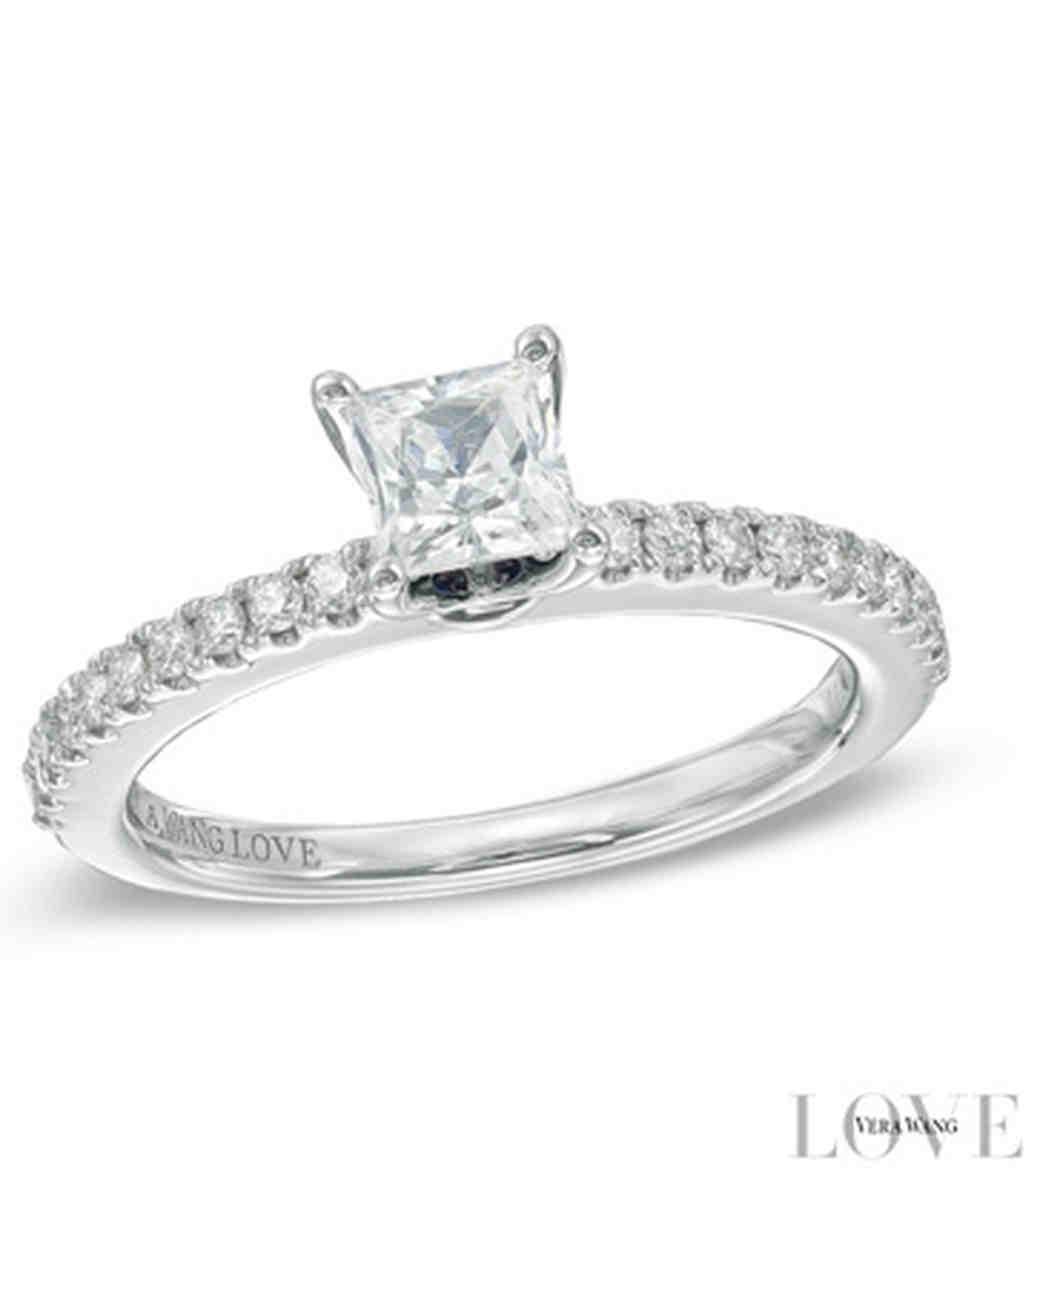 Vera Wang Princess-Cut Engagement Ring